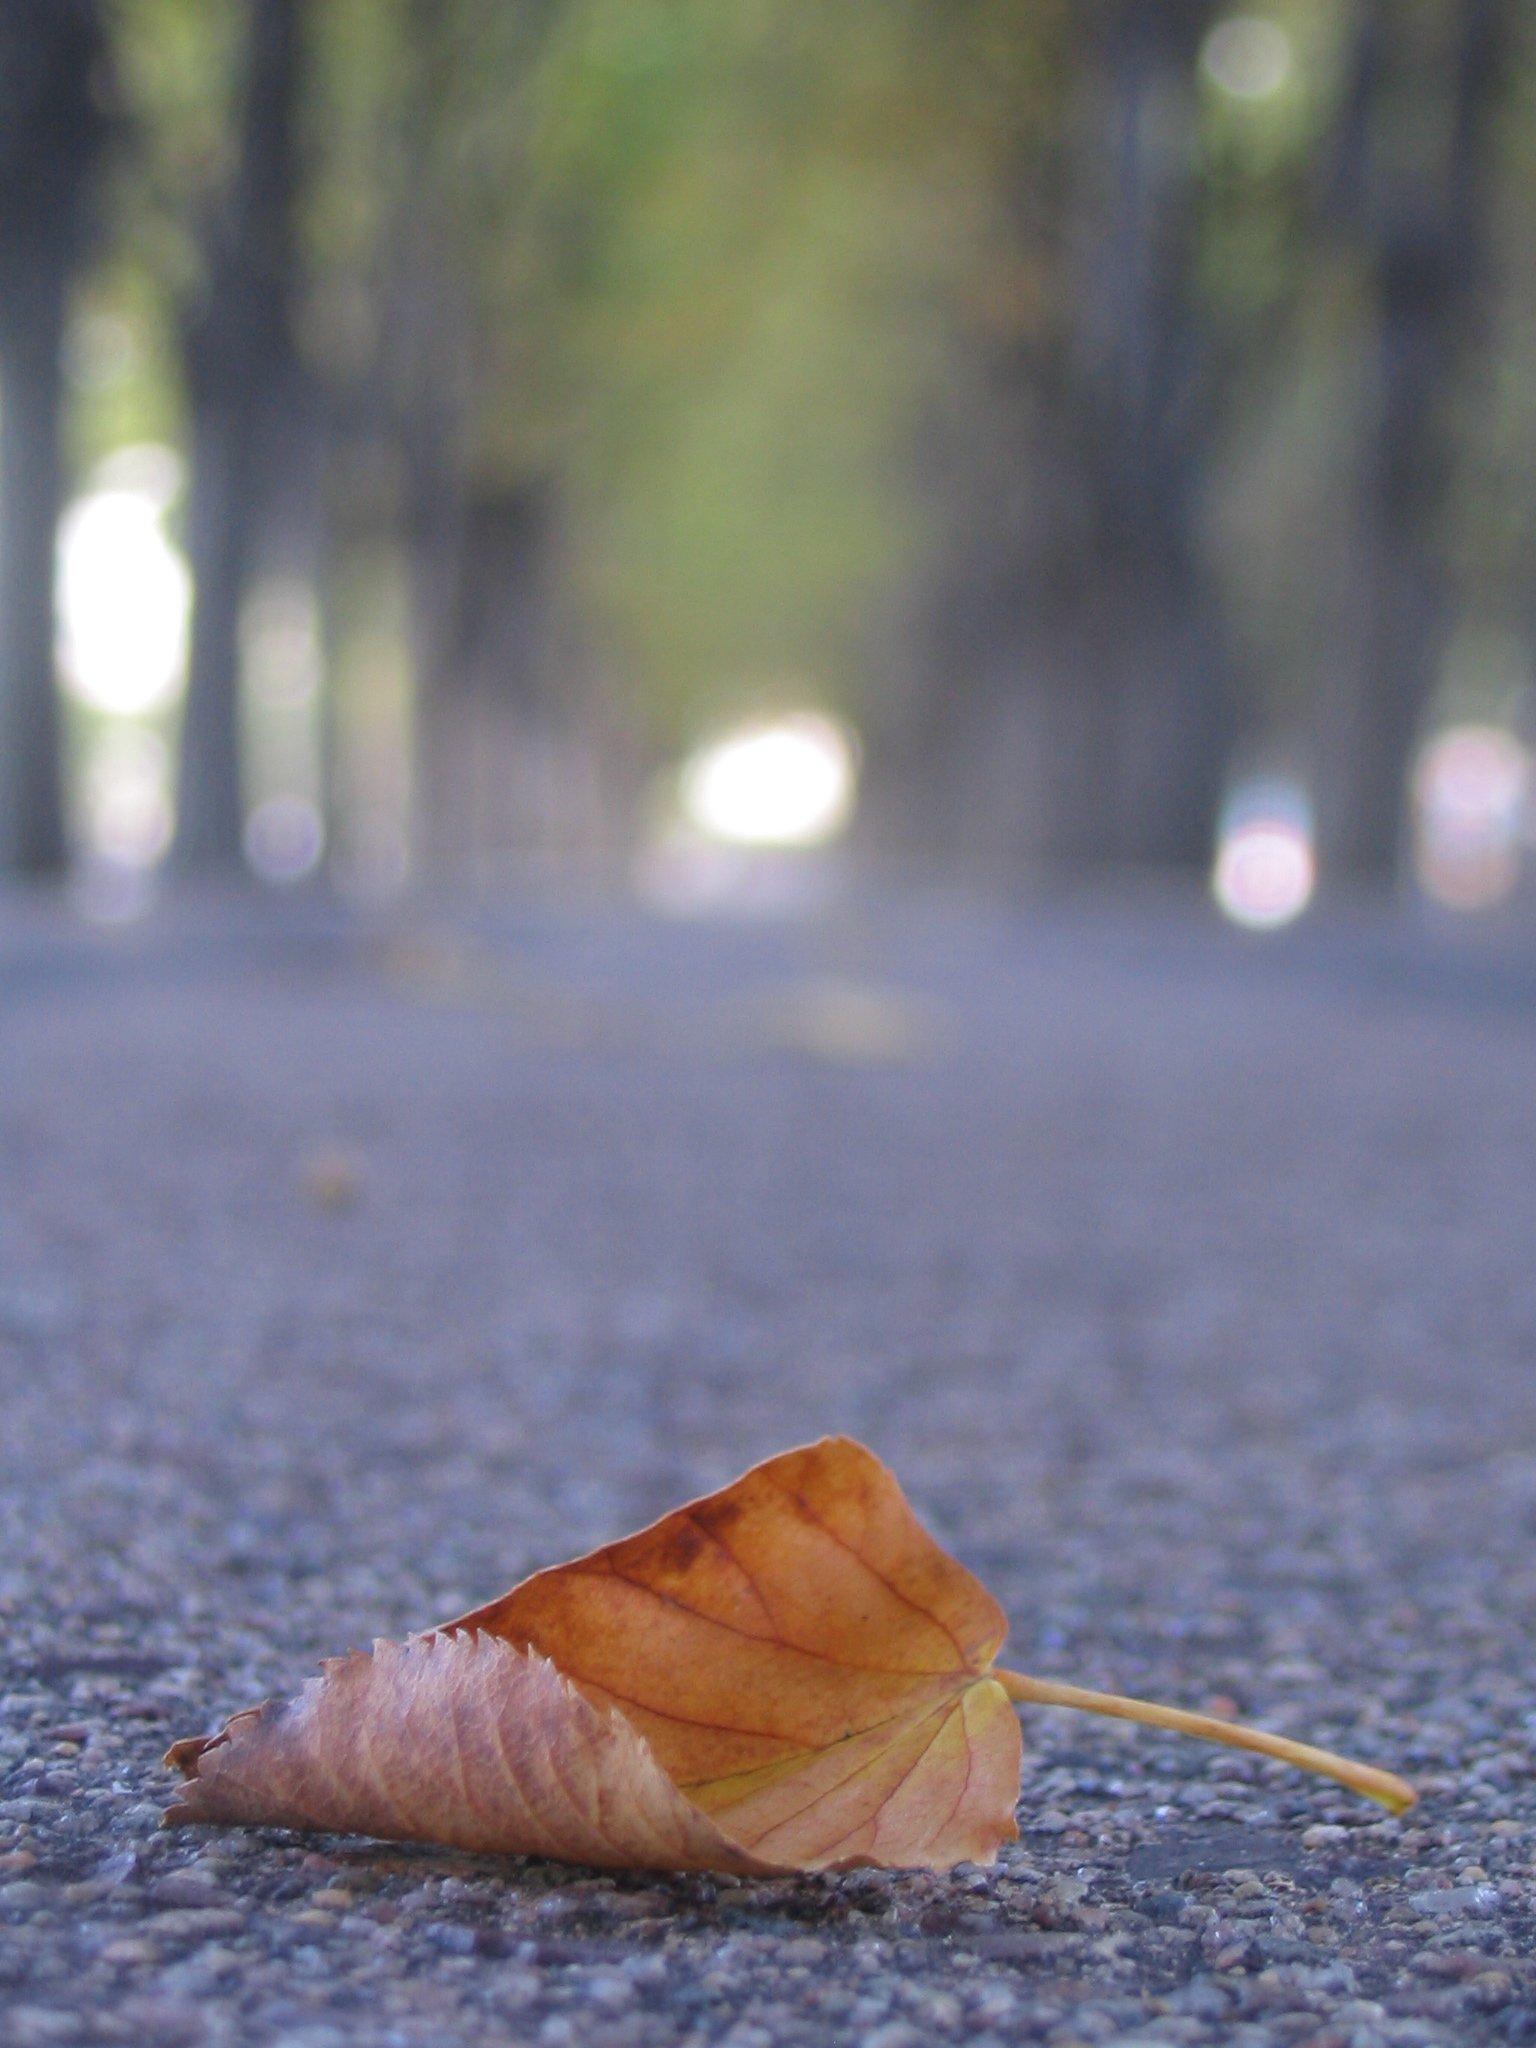 A leaf I took a picture of - sweeeeeeeeeeet